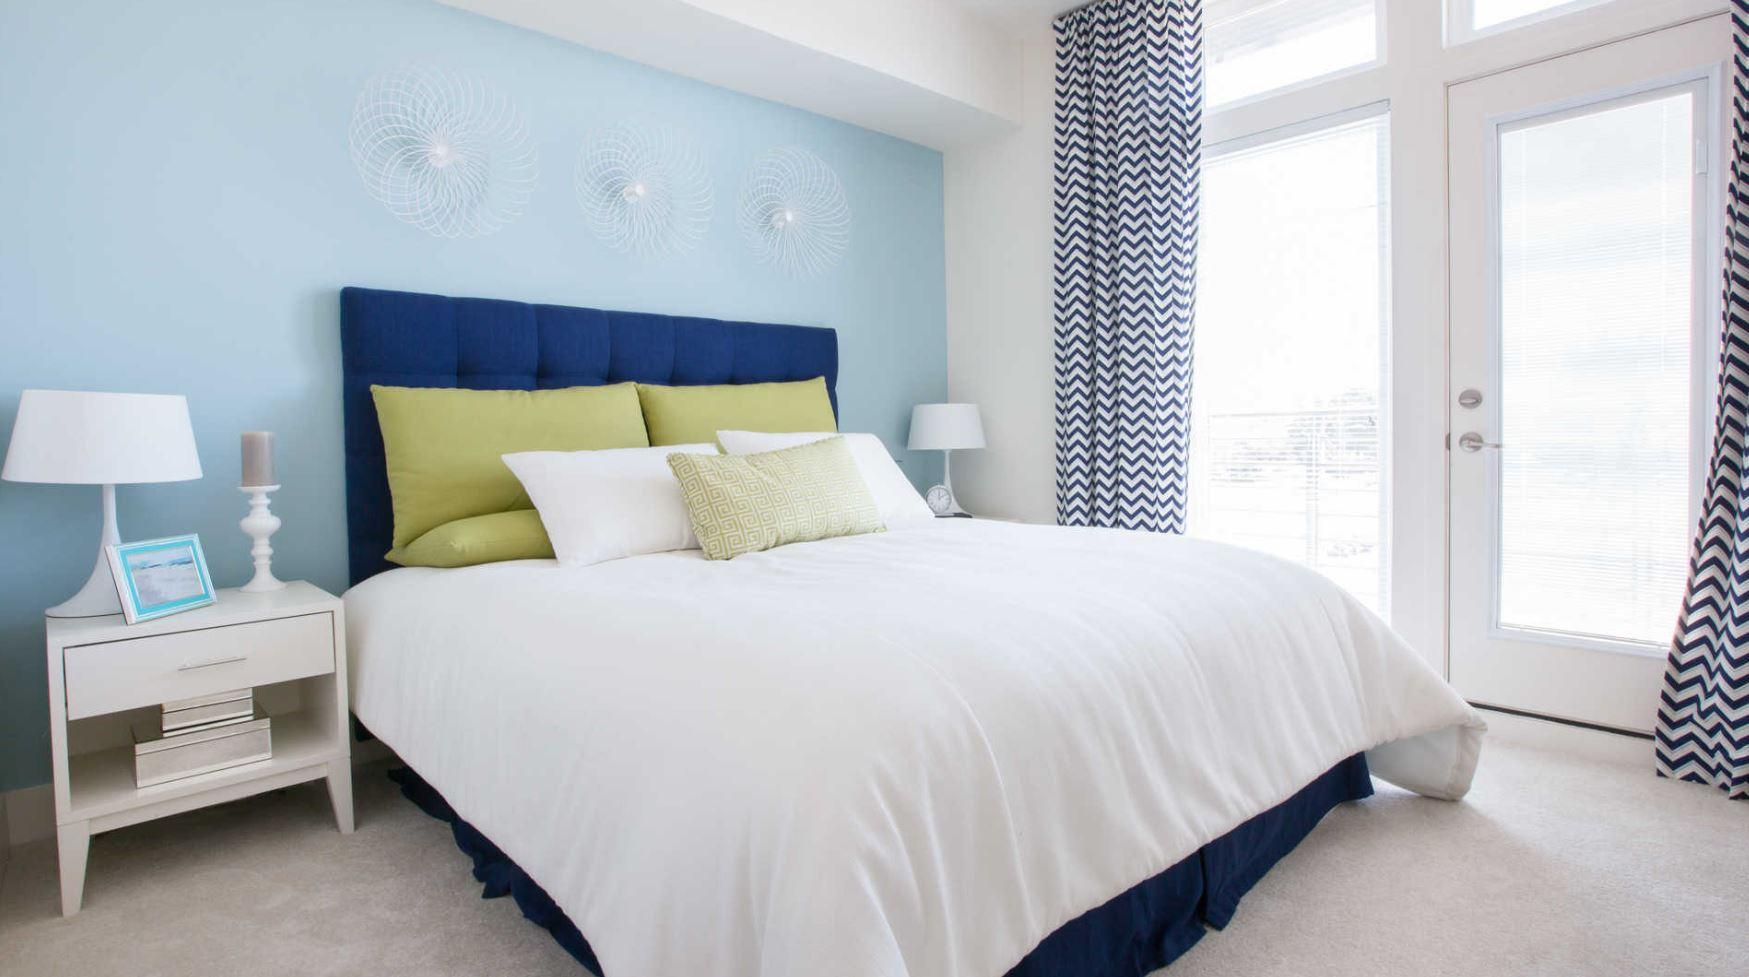 Bed at The Domain Apartments, Renaisance, San Jose